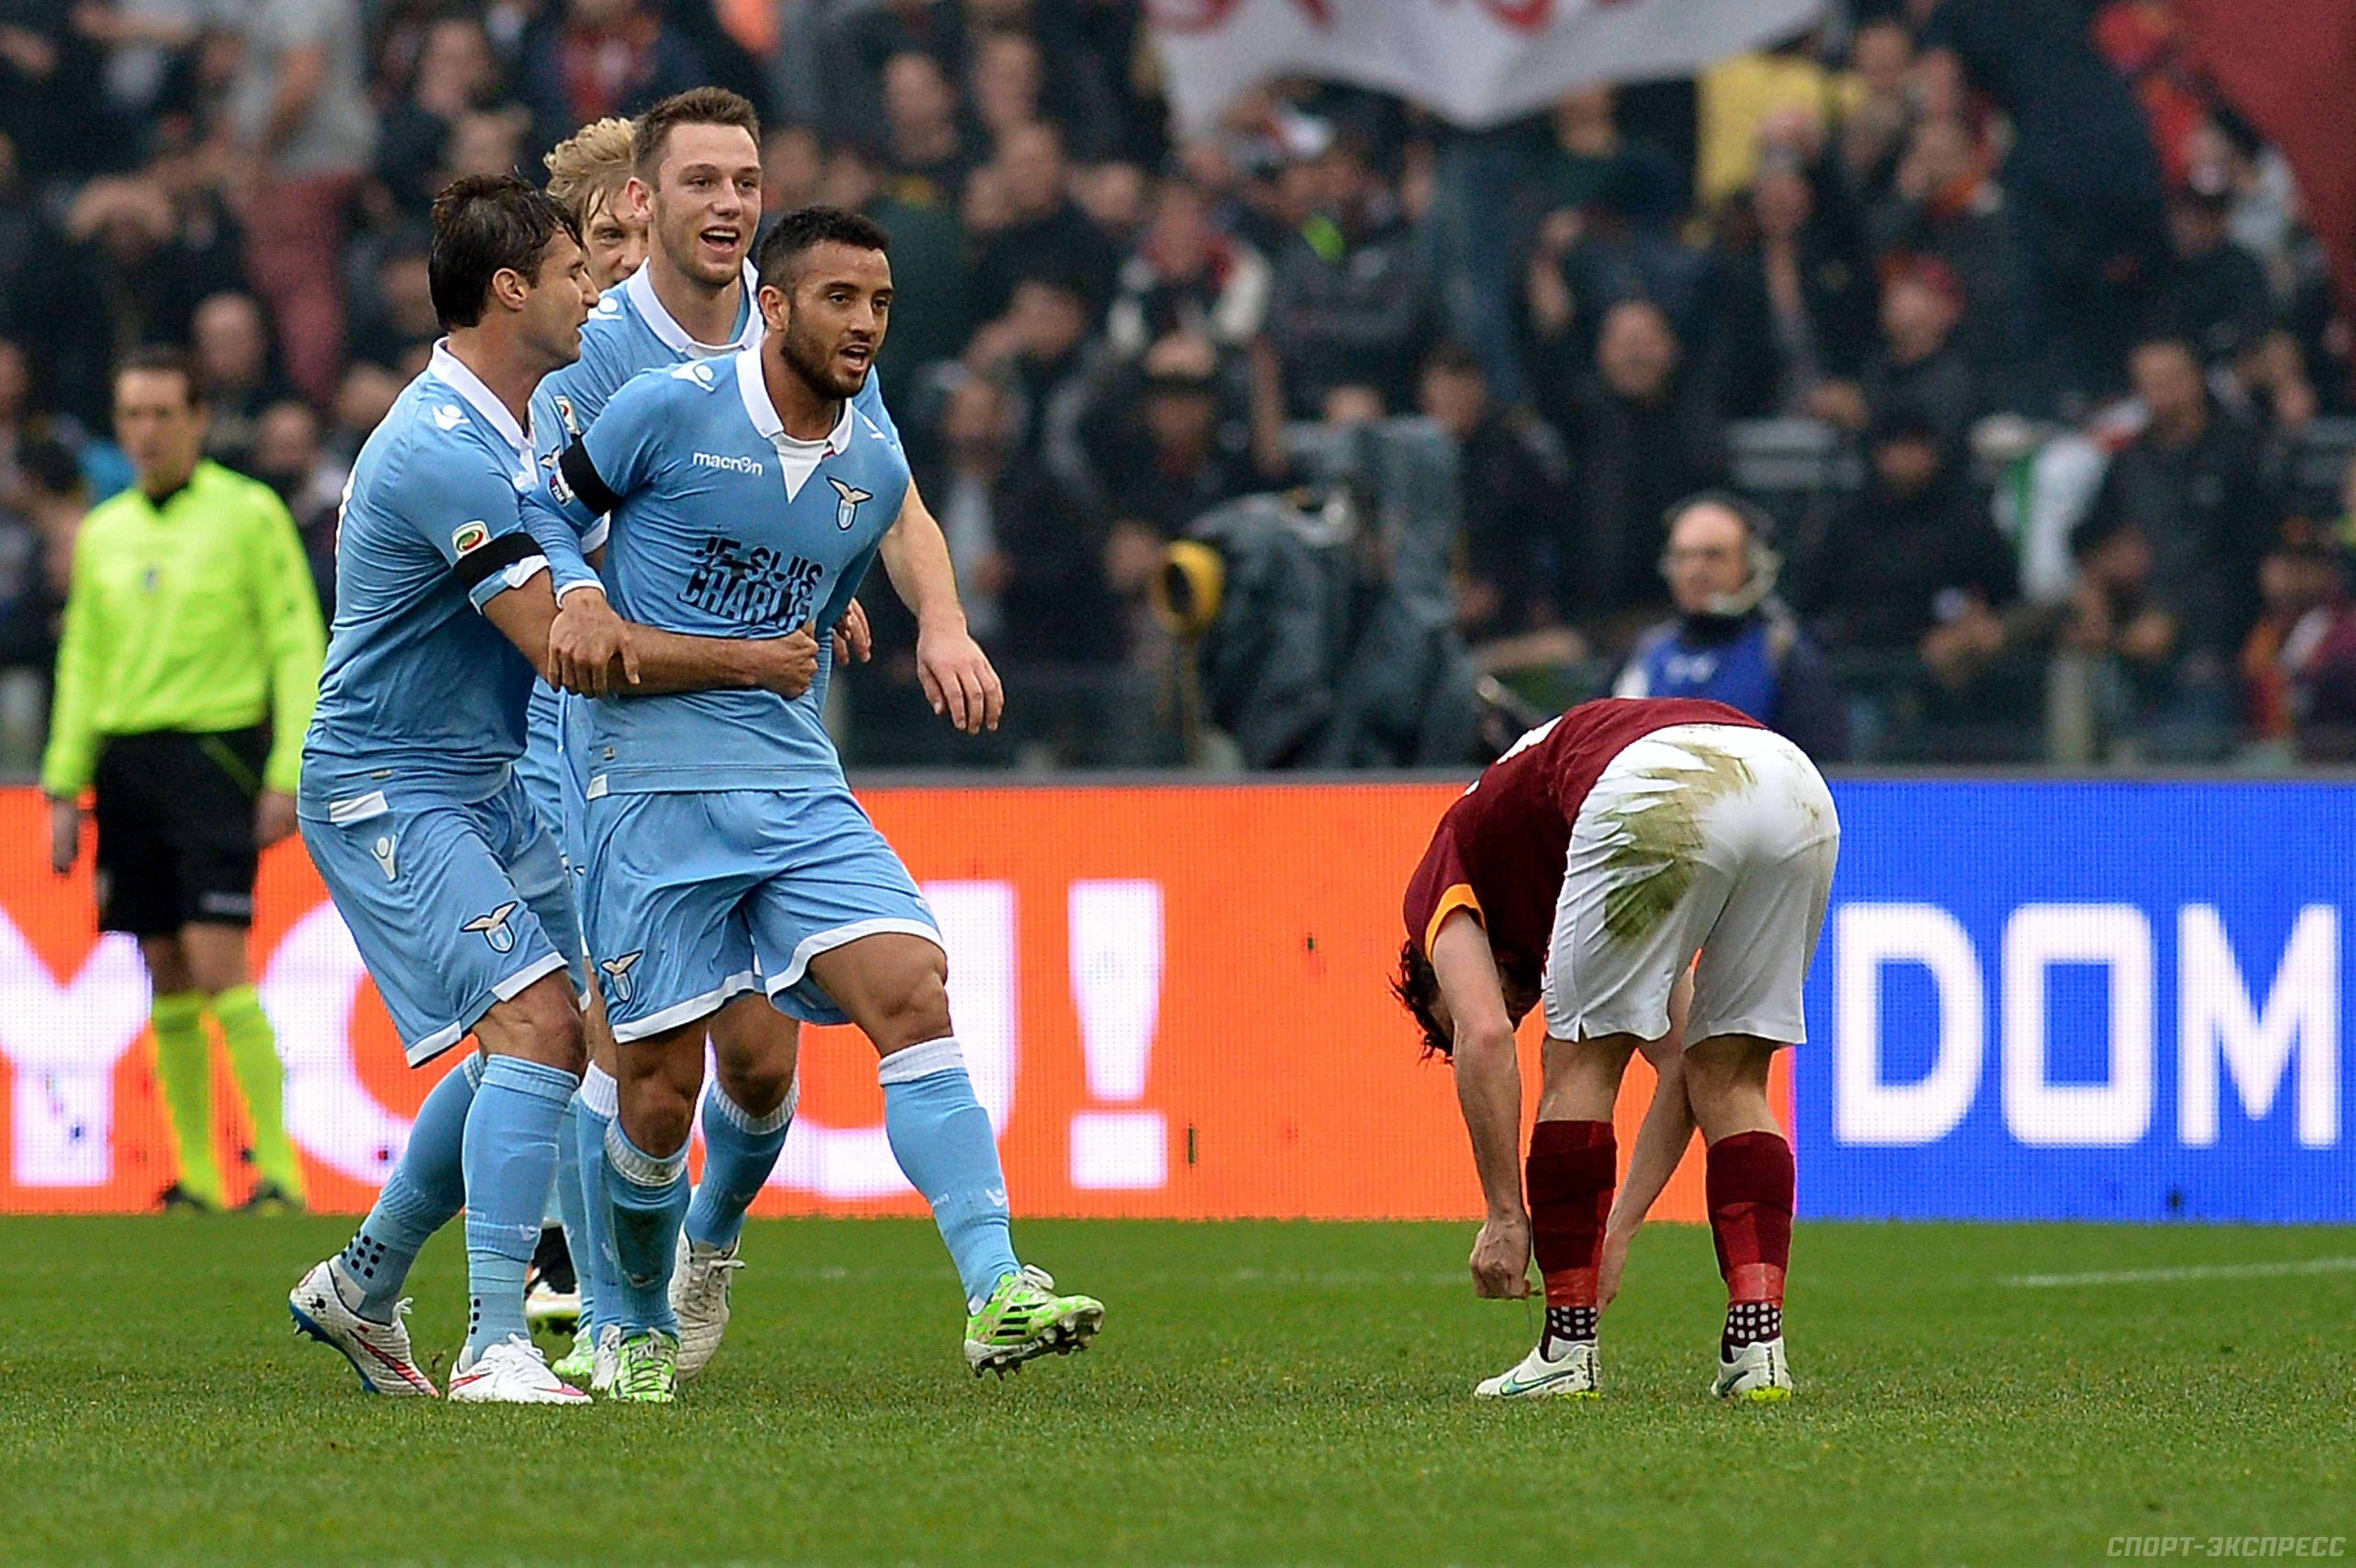 Прогноз на матч Торино - Рома: команда из Турина дома не проиграет